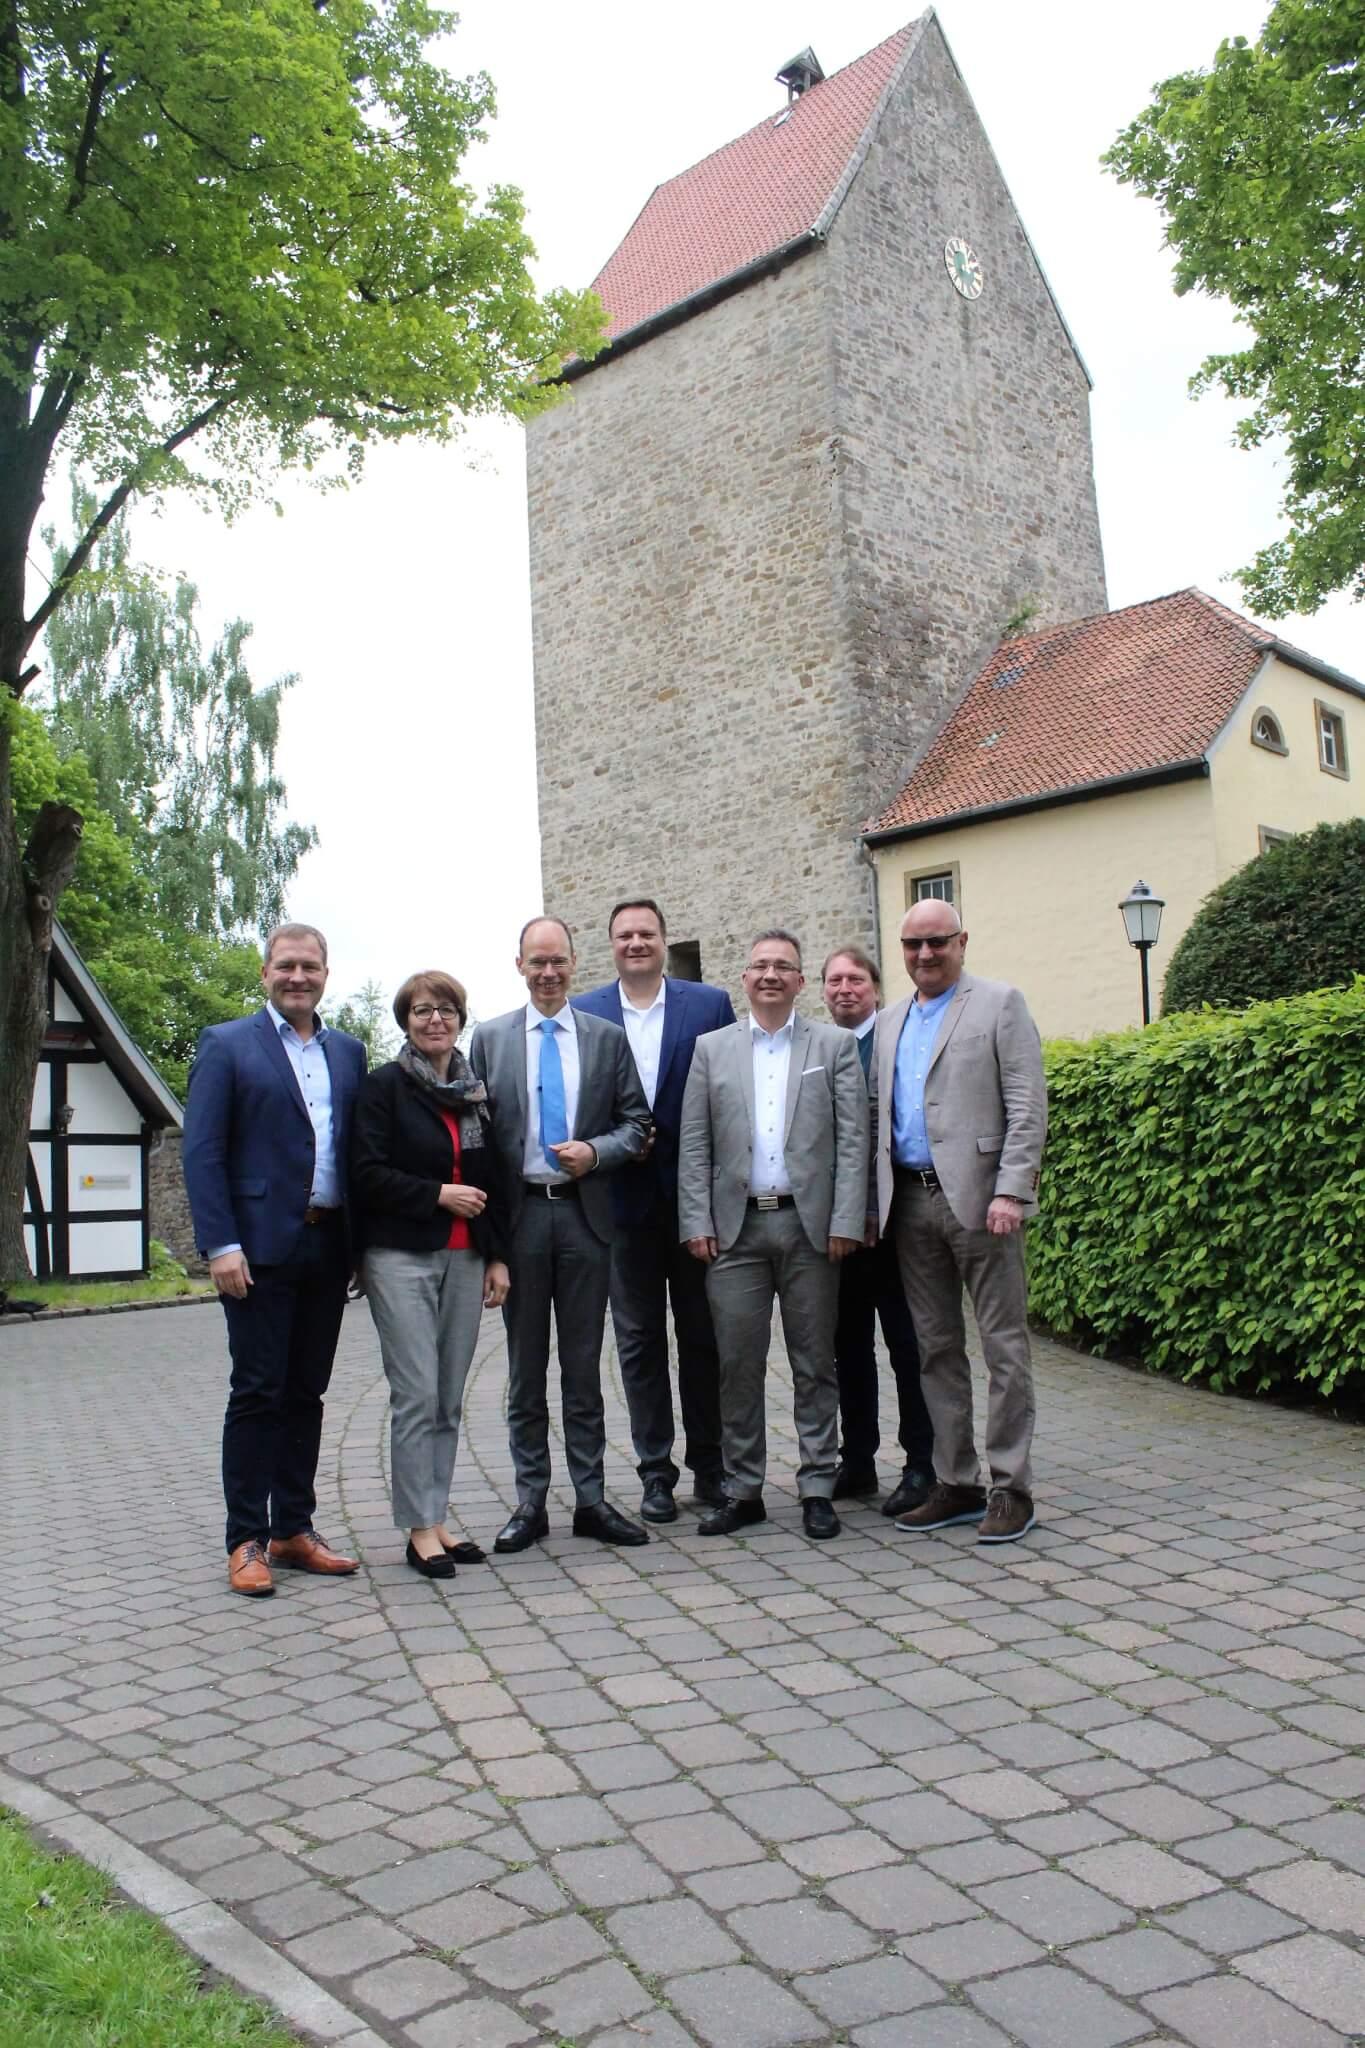 Gruppenbild vor der Burg Wittlage